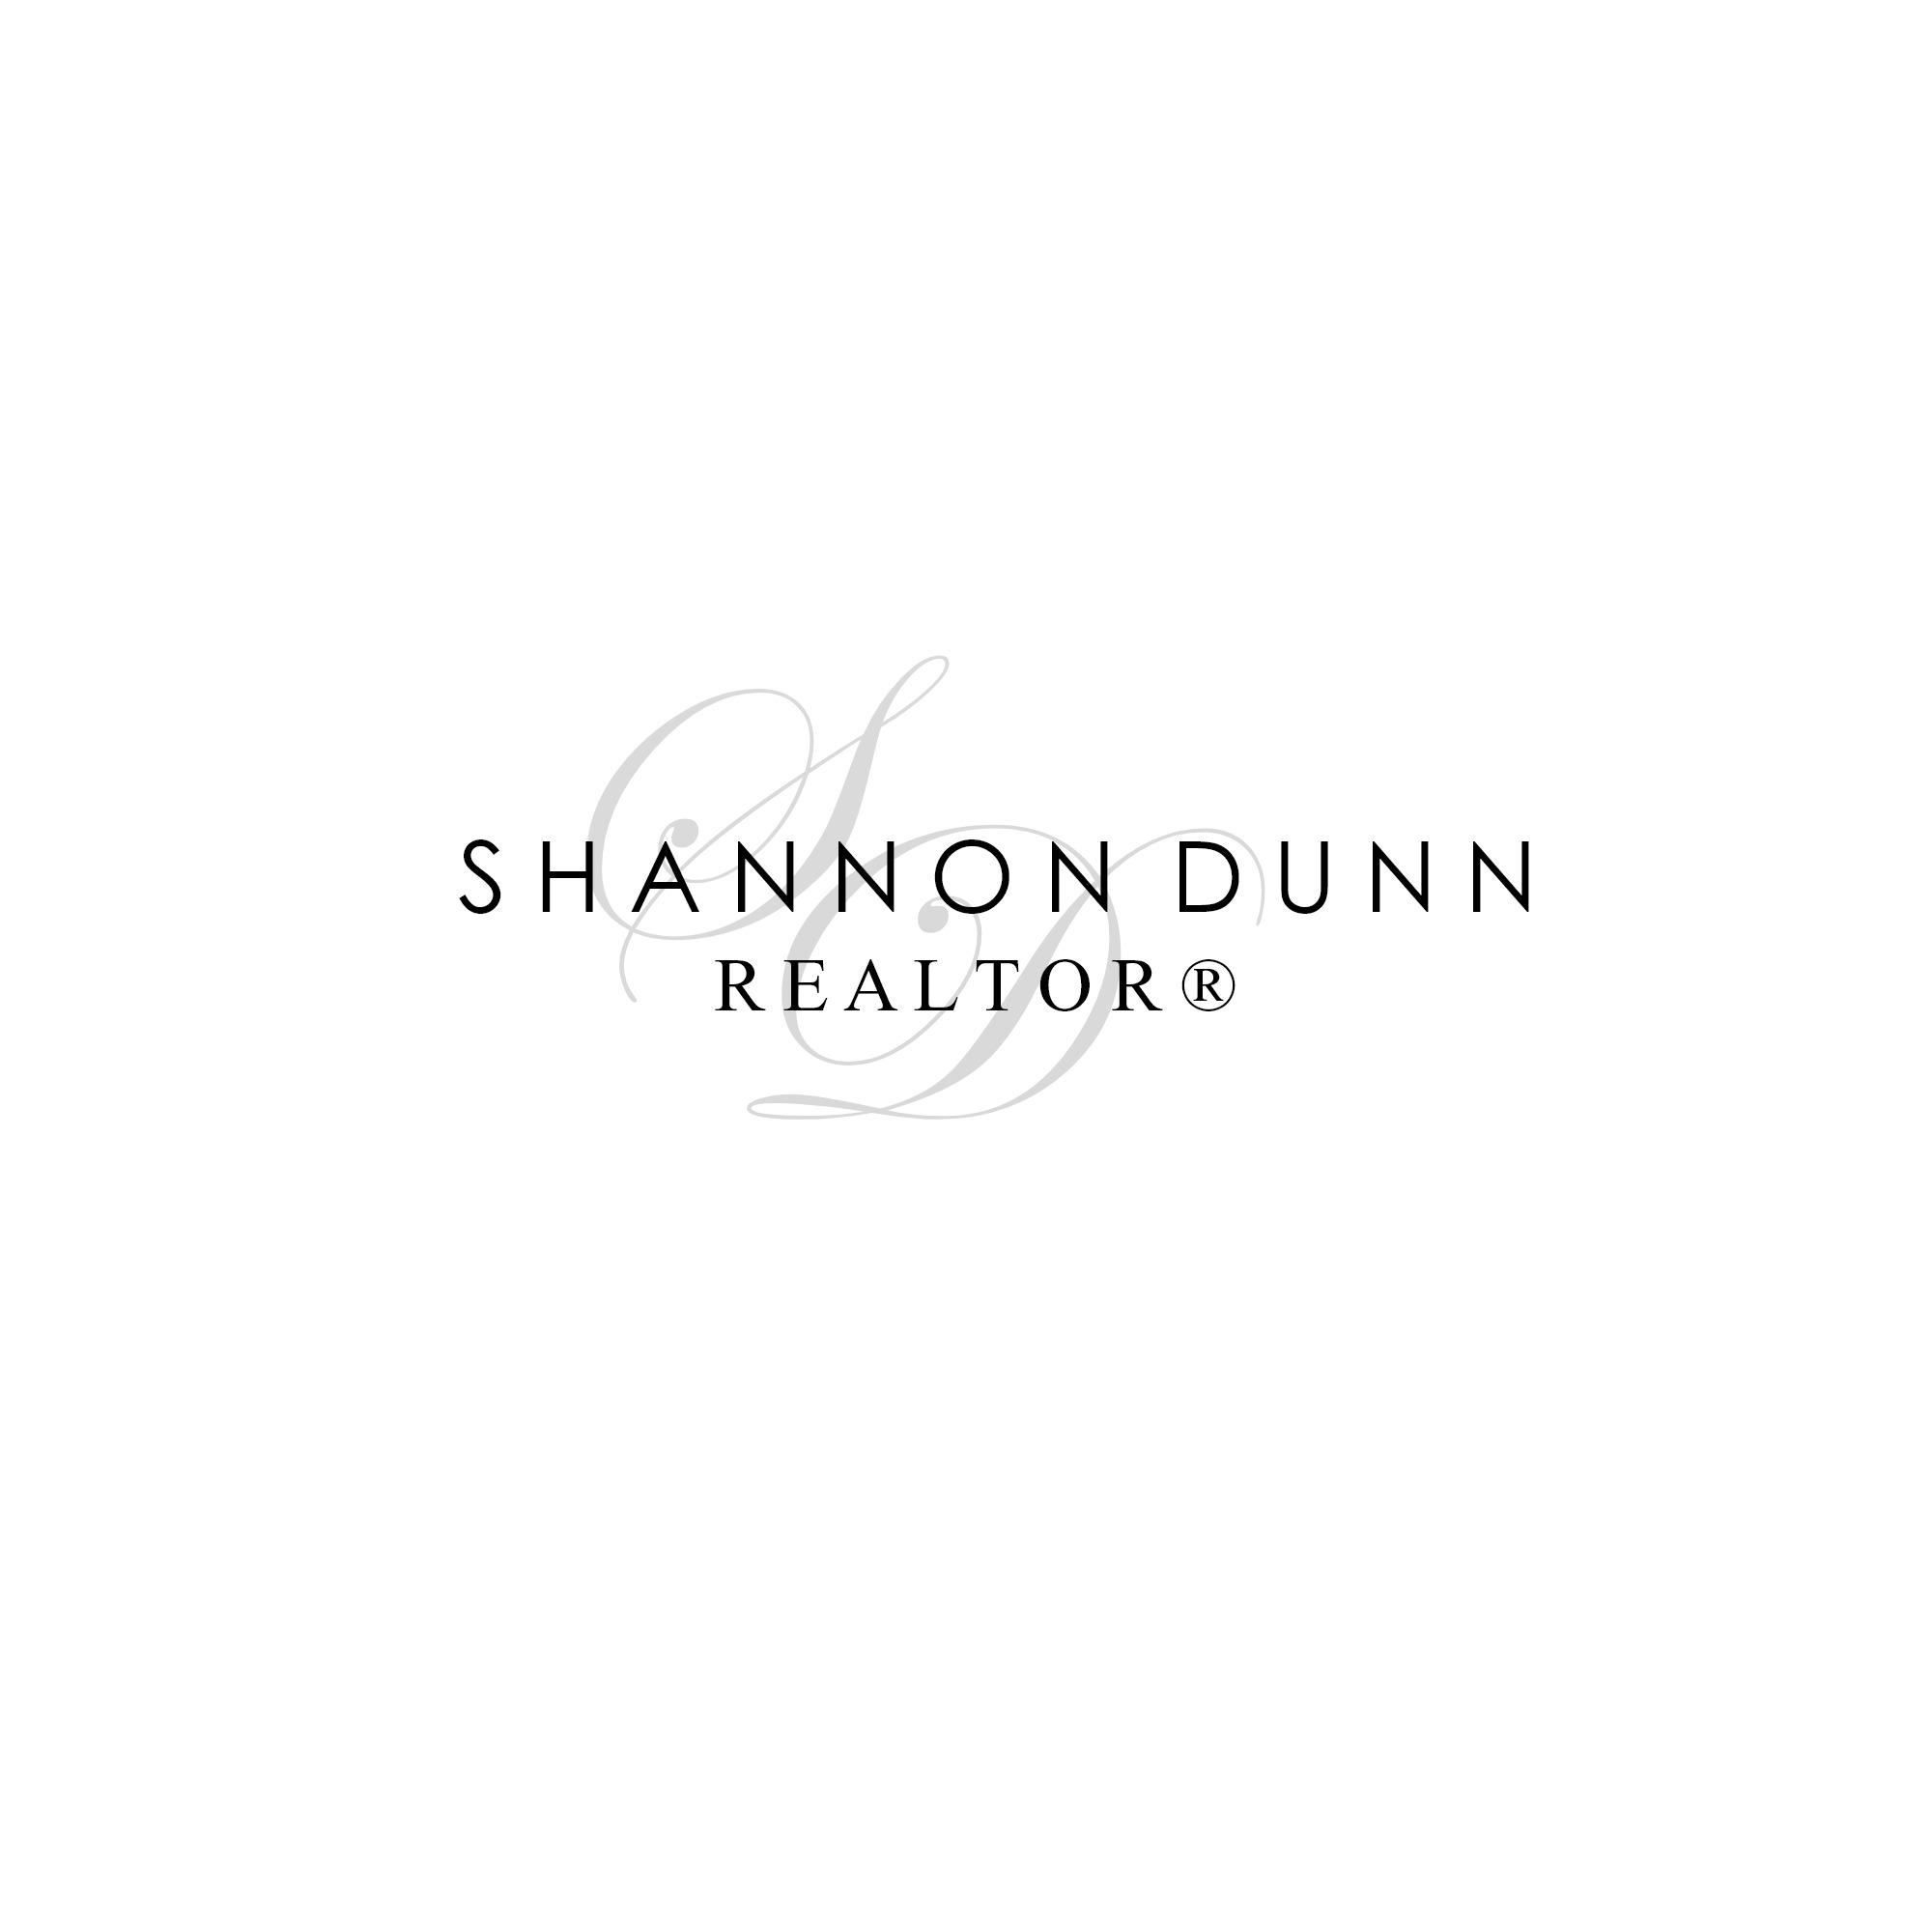 Shannon Dunn logo JPG.jpg